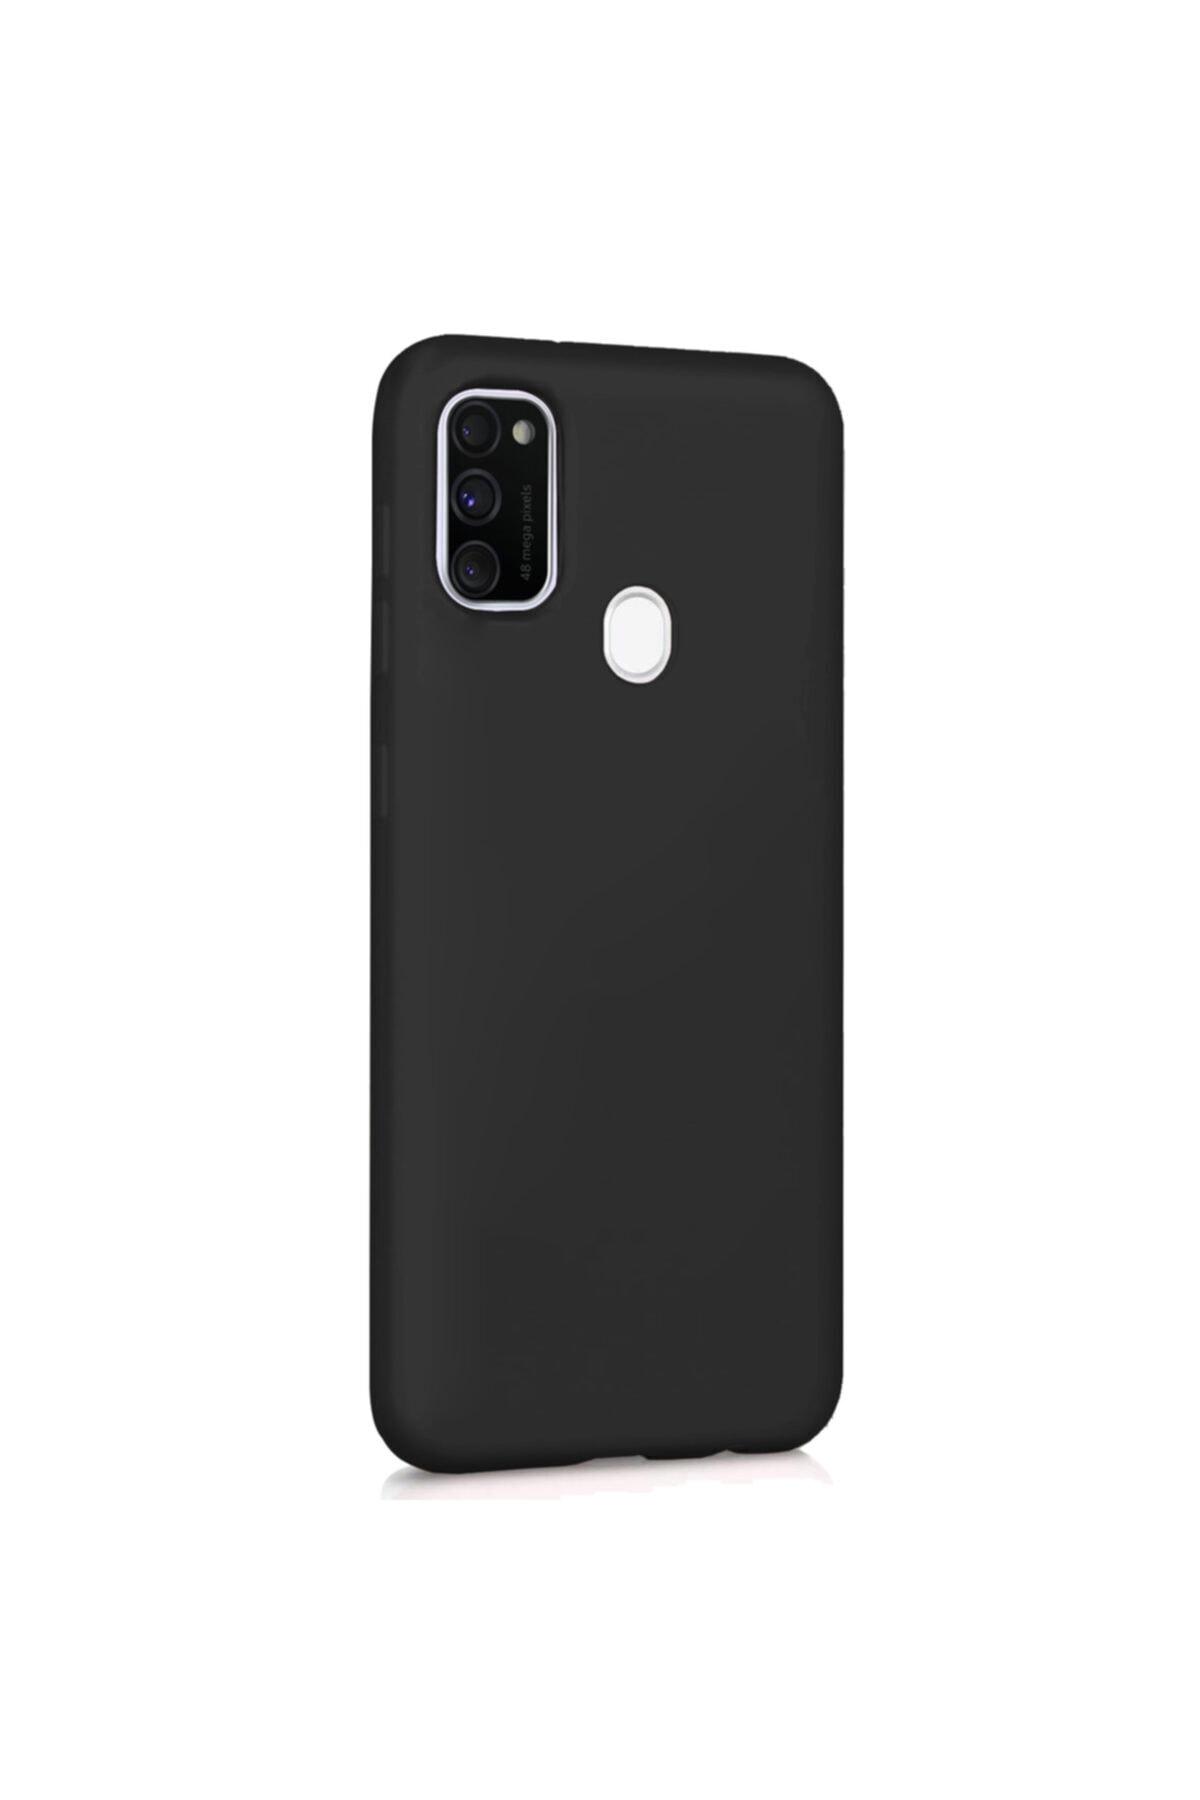 Zengin Çarşım Samsung Galaxy M21 - M30s Yumuşak Silikon Kılıf Siyah 2